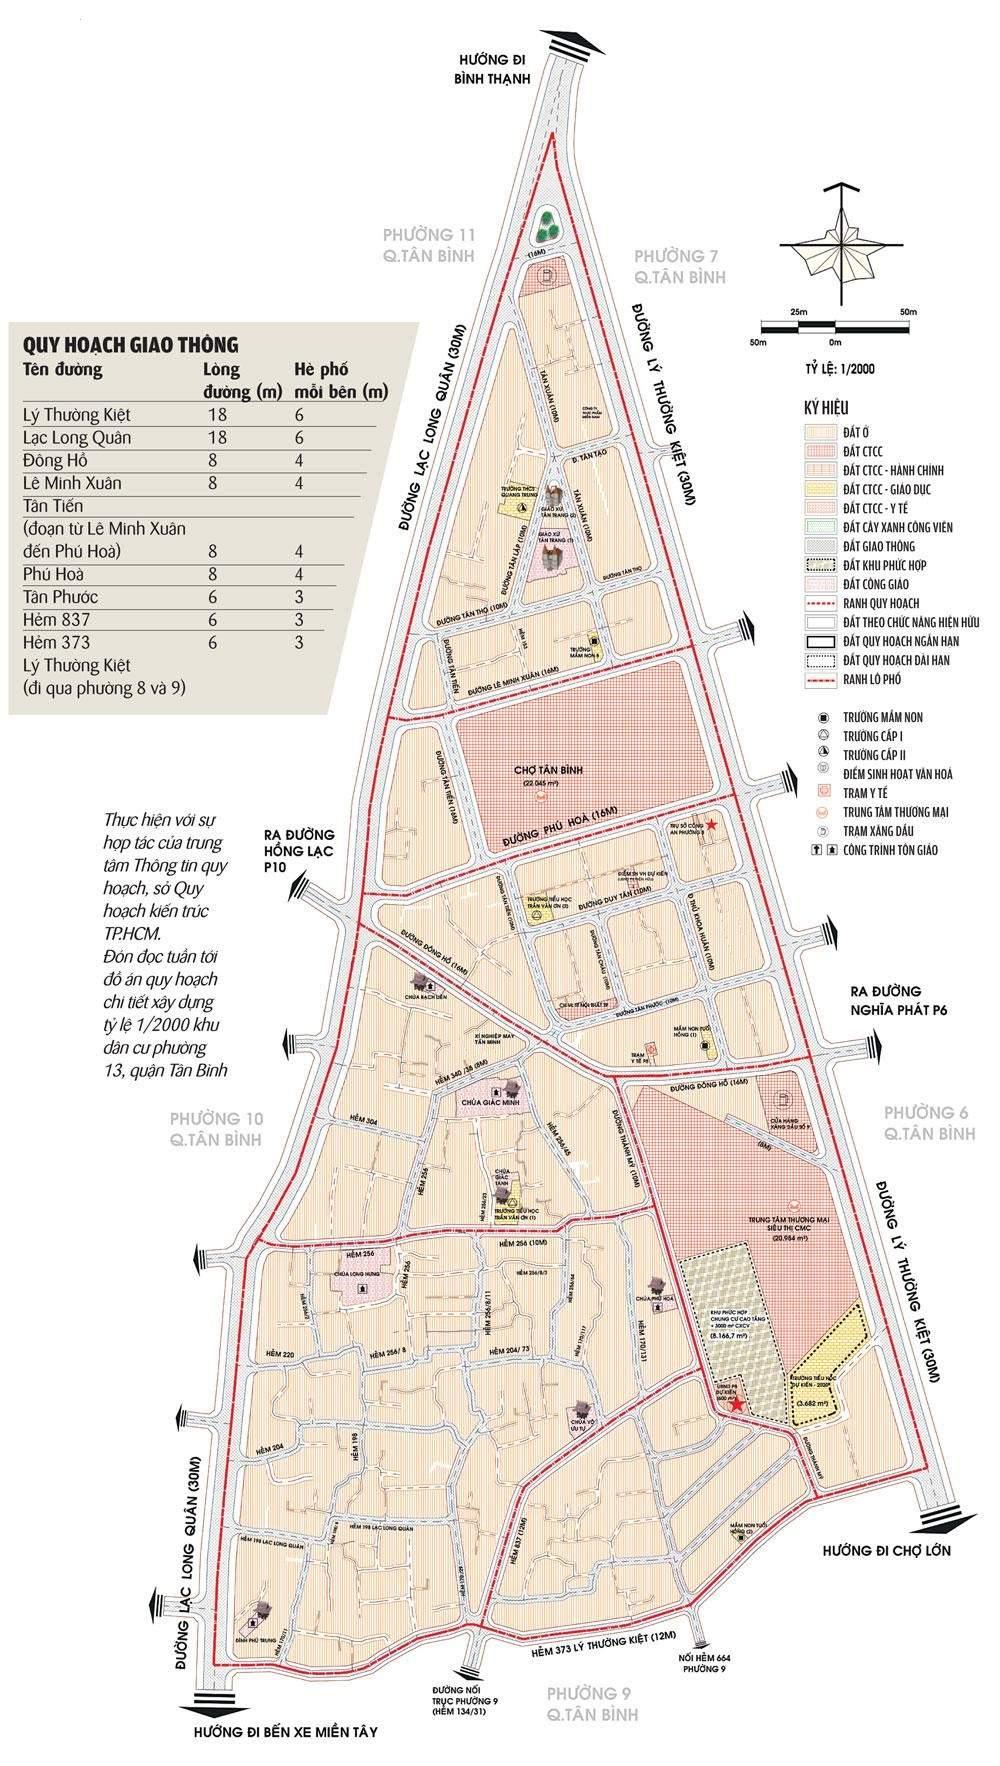 Bản đồ quy hoạch phường 8 quận Tân Bình với tỷ lệ 1/2000 - Yeshouse